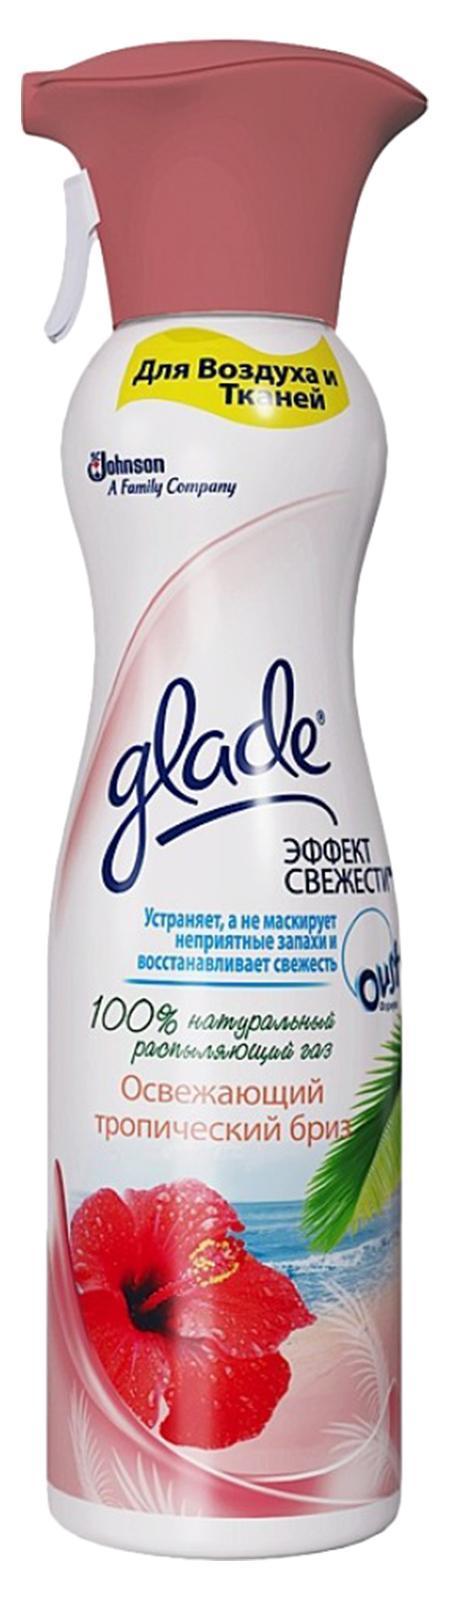 Освежитель воздуха Glade Тропический Бриз, эффект свежести для воздуха и тканей, 275 мл106-026Содержит 100% натуральный распыляющий газ. Устраняет,а не маскирует неприятный запахи и восстанавливает свежесть. Имеет большую линейку восхитительный ароматов. Имеет премиальный внешний вид и может быть использован в любом жилом помещении. Подходит для воздуха и тканей.